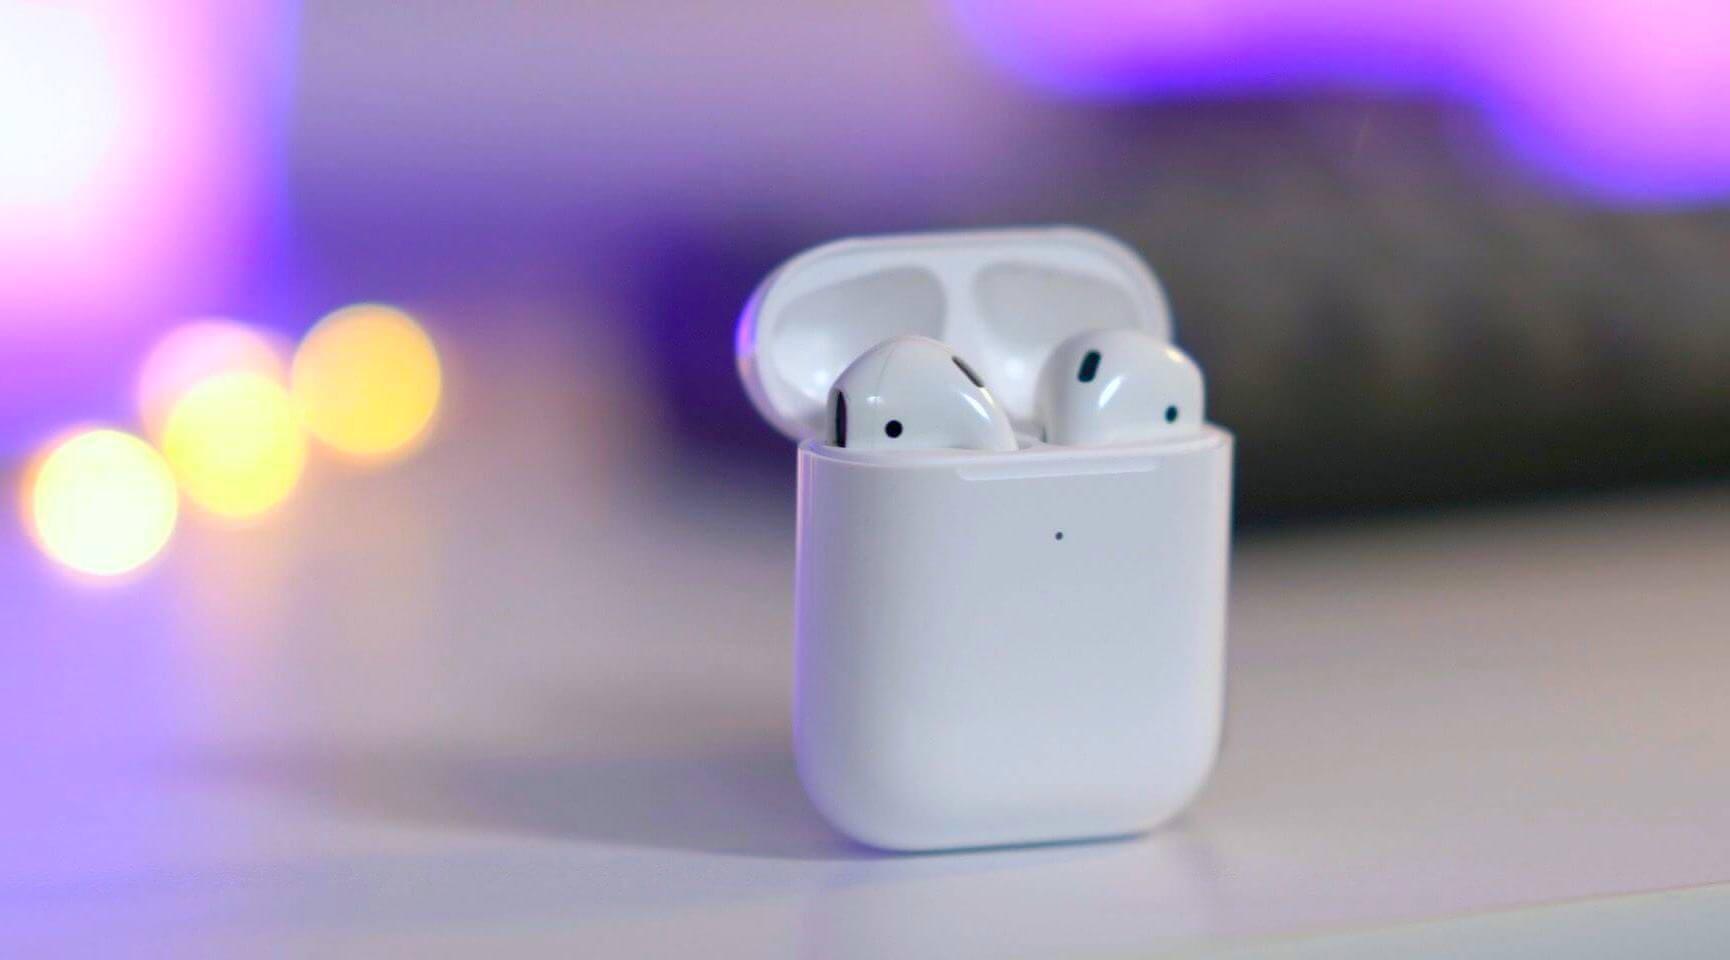 Apple AirPods 3 выйдут в конце 2021 года